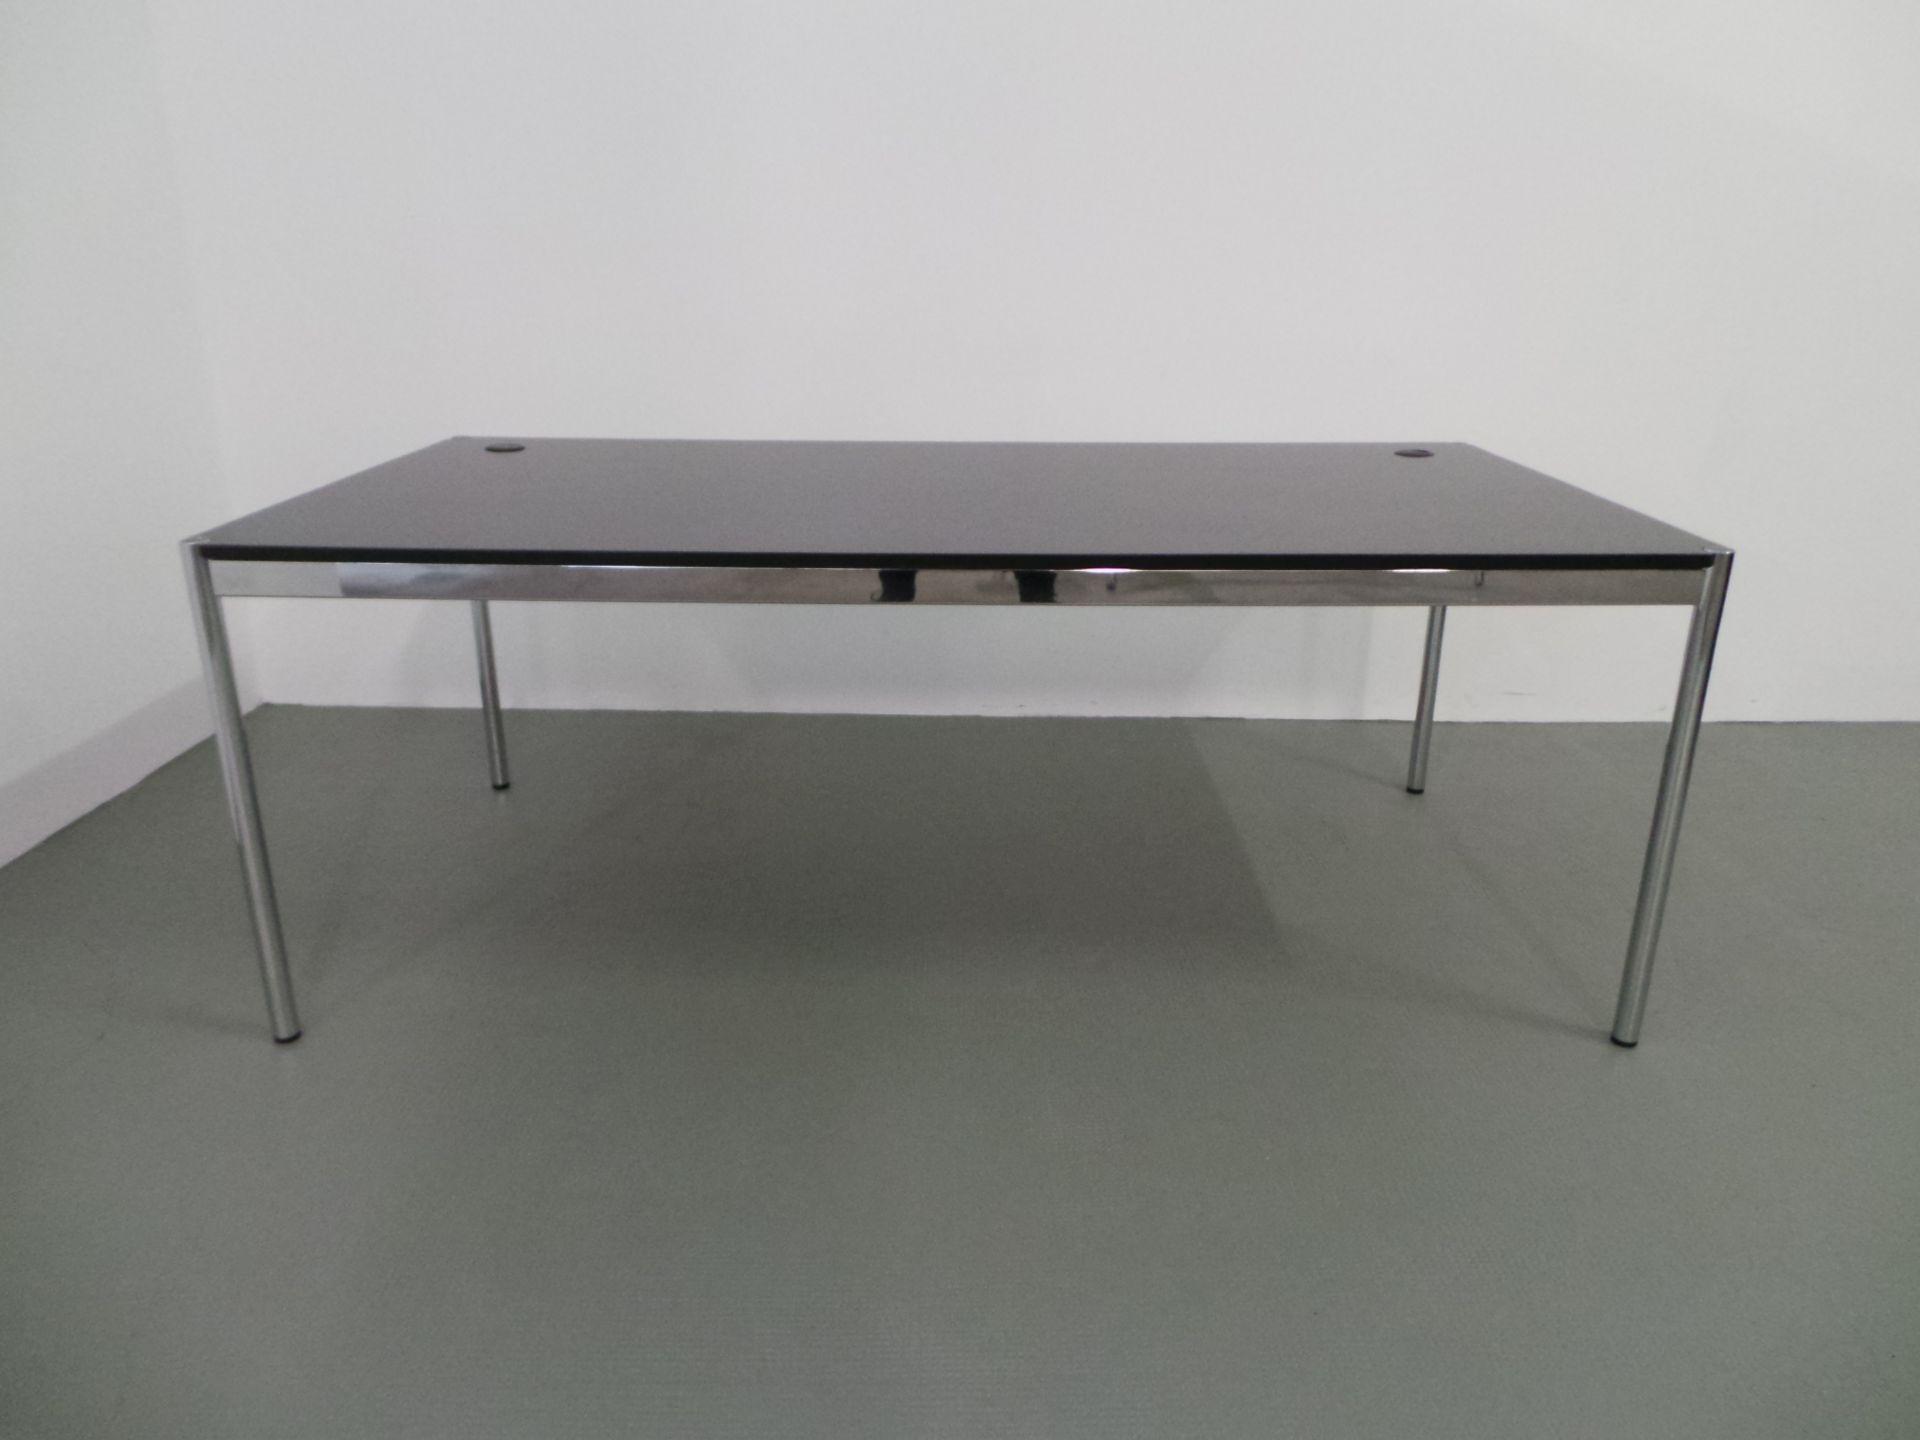 usm haller schreibtisch holz eiche schwarz 200 cm x 100 cm arttolive by ralph gr tzmacher. Black Bedroom Furniture Sets. Home Design Ideas